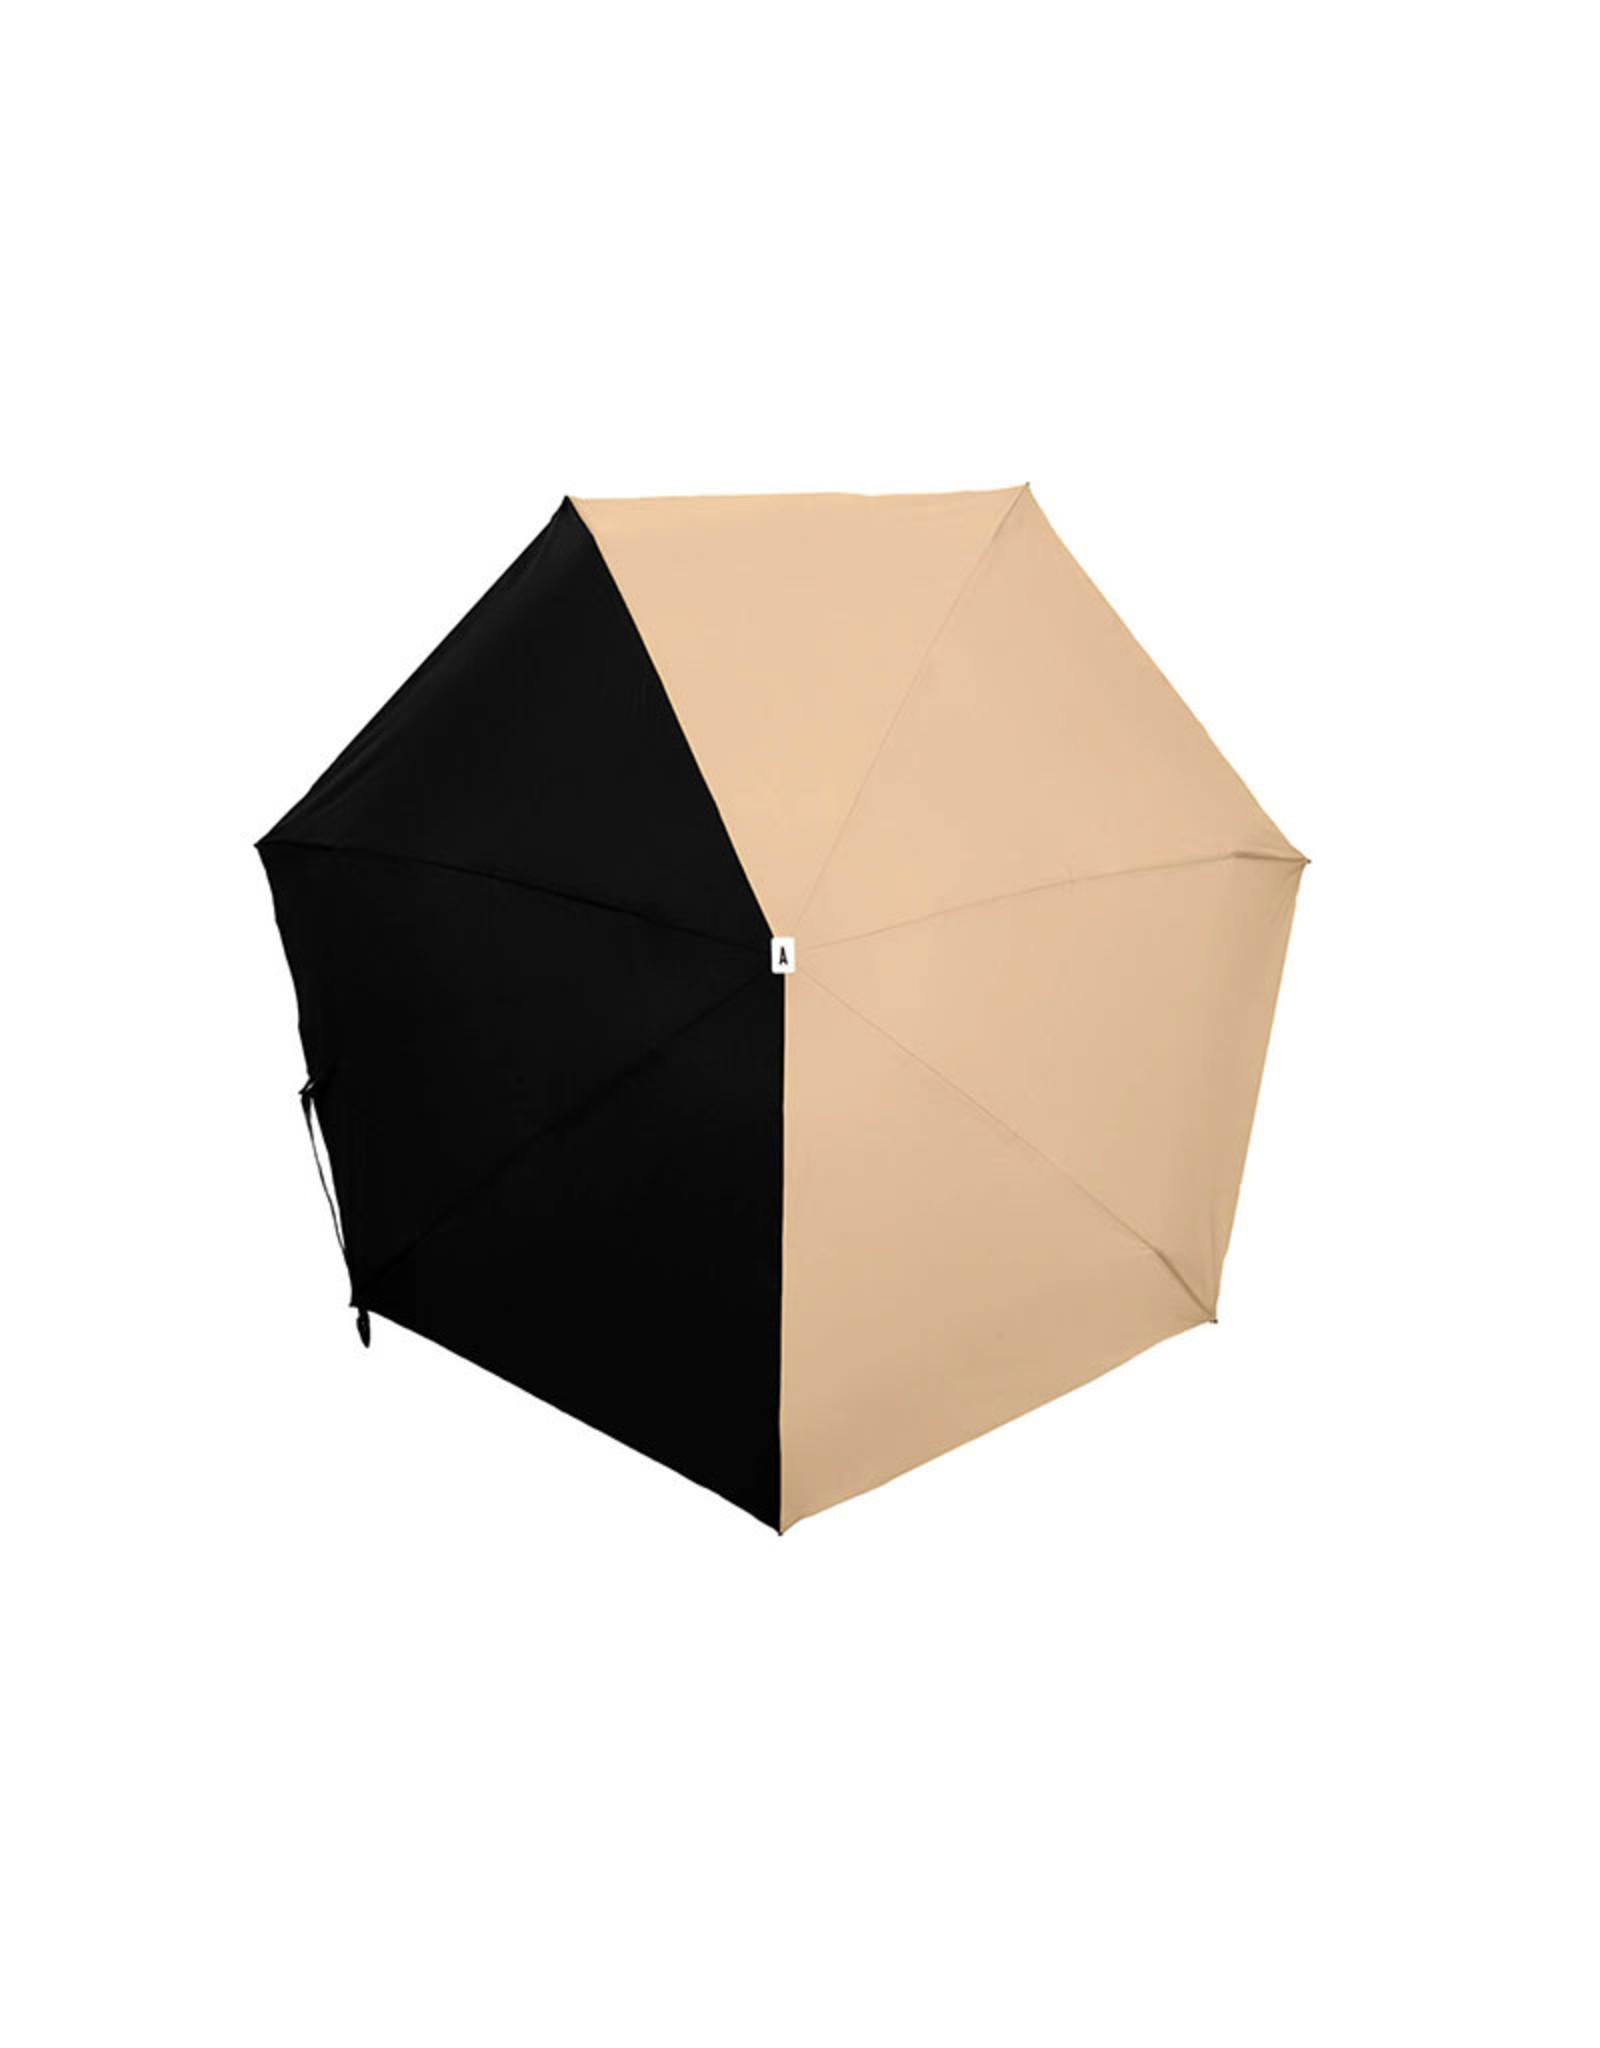 ANATOLE ANATOLE Folding Umbrella - Alice - Beige & Black